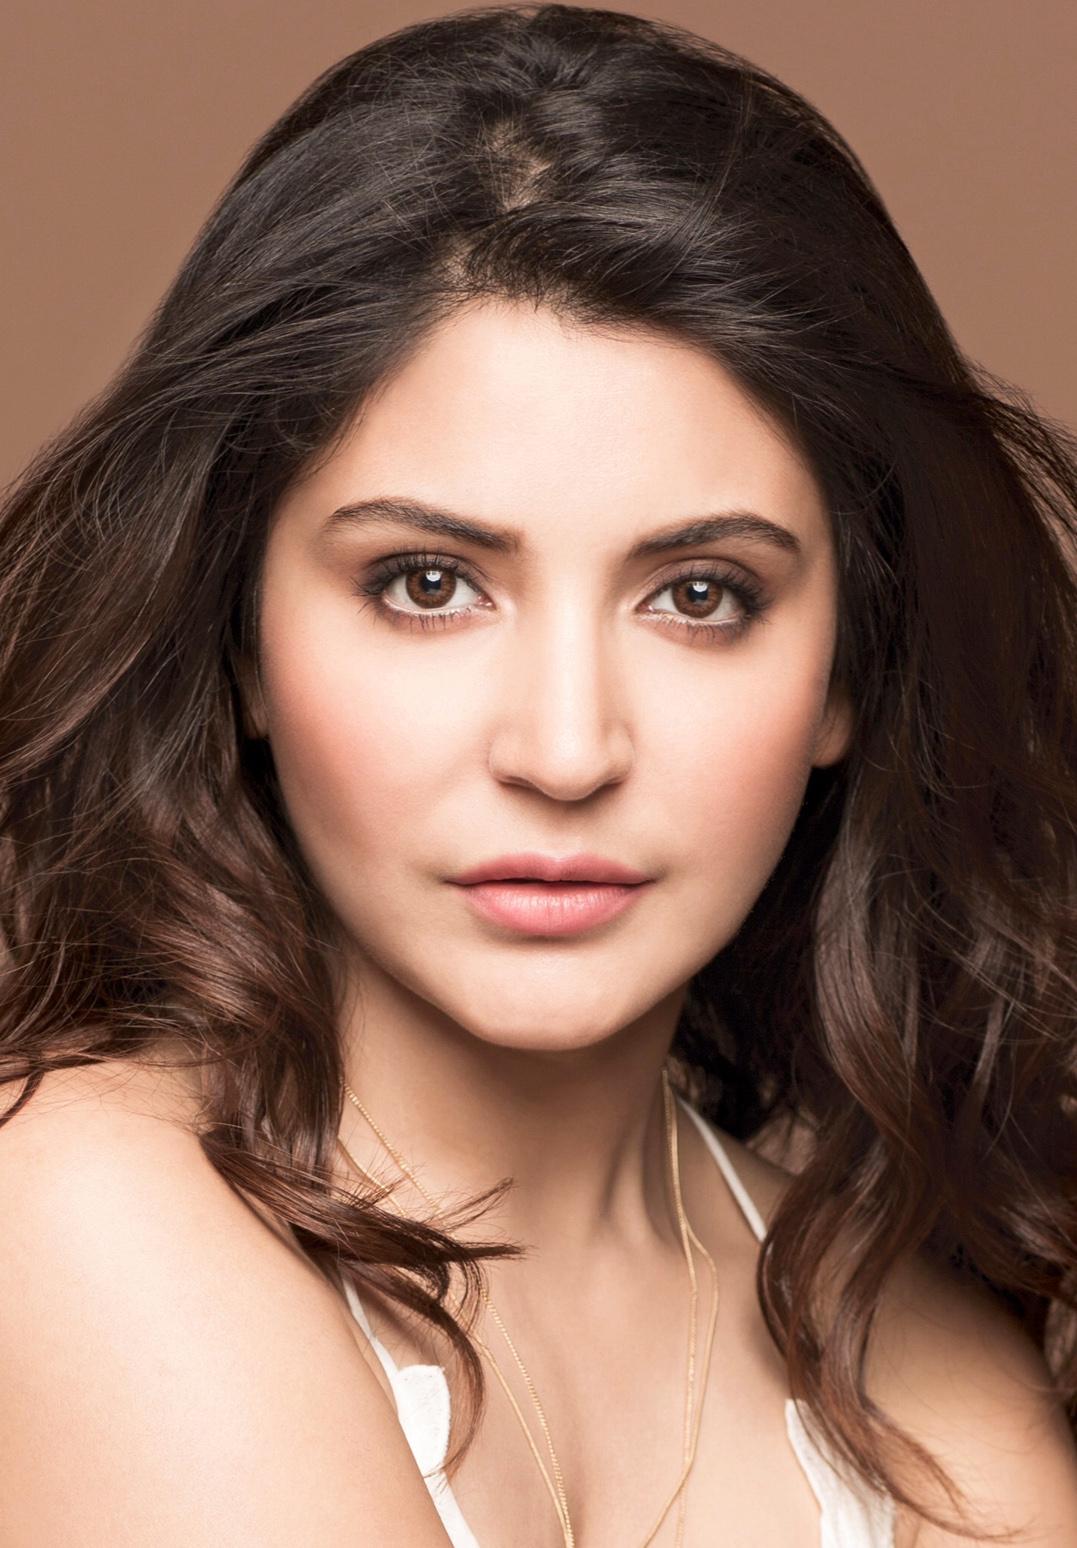 Top 10 de celebridades de Bollywood mas seguidas en Instagram Anushka Sharma